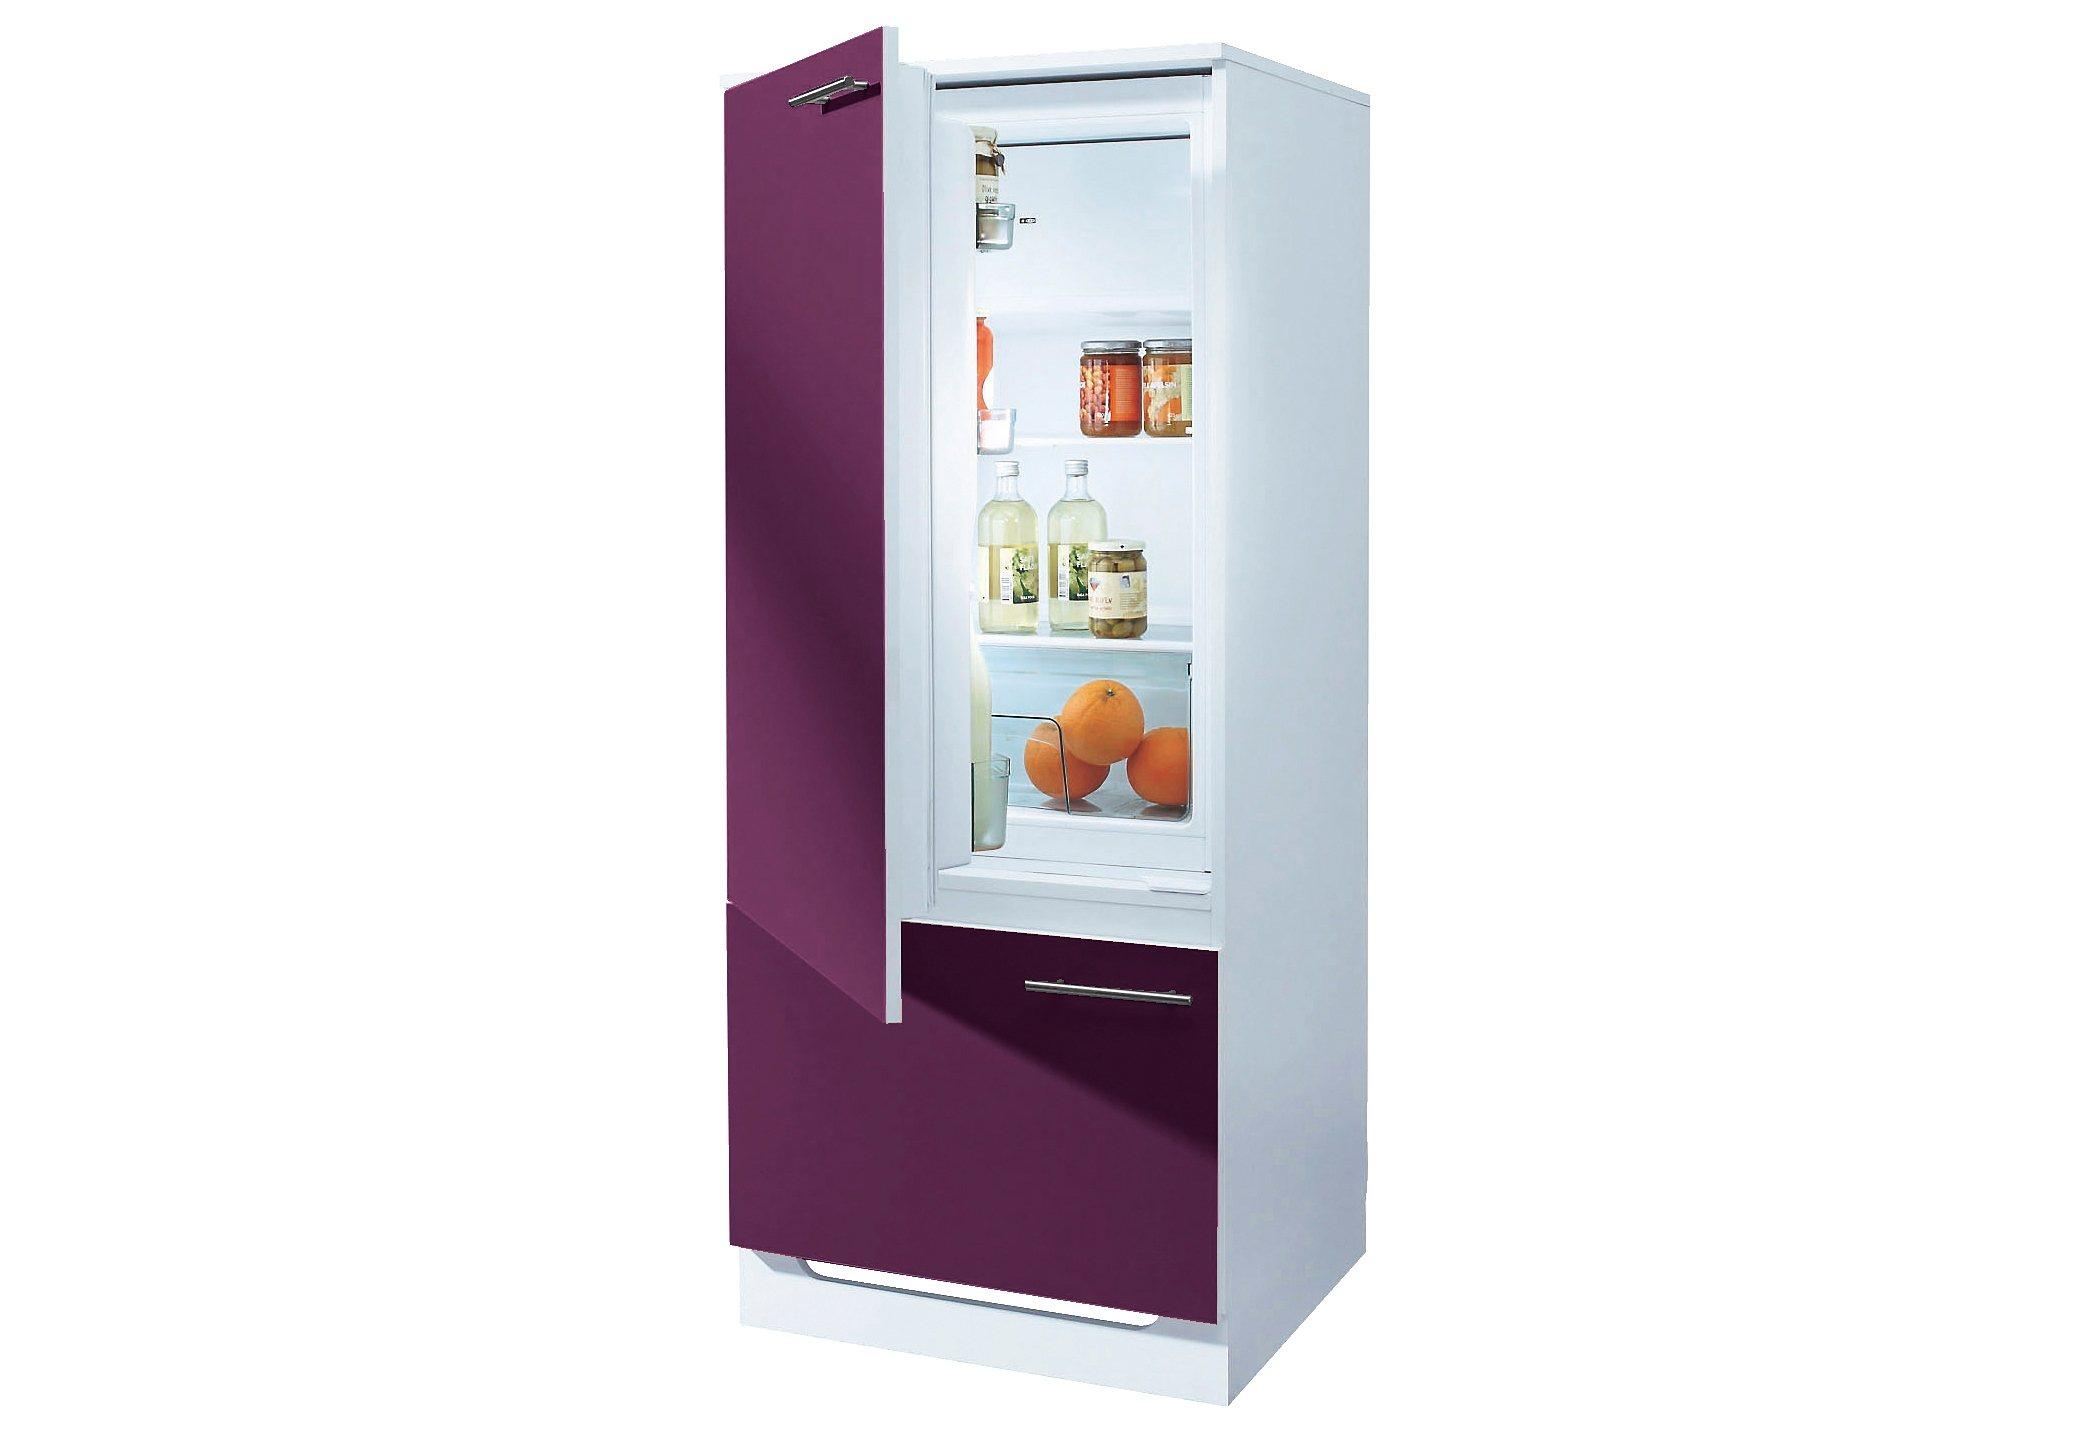 Amica Kühlschrank Neckermann : Ezetil kühlschränke online kaufen möbel suchmaschine ladendirekt.de